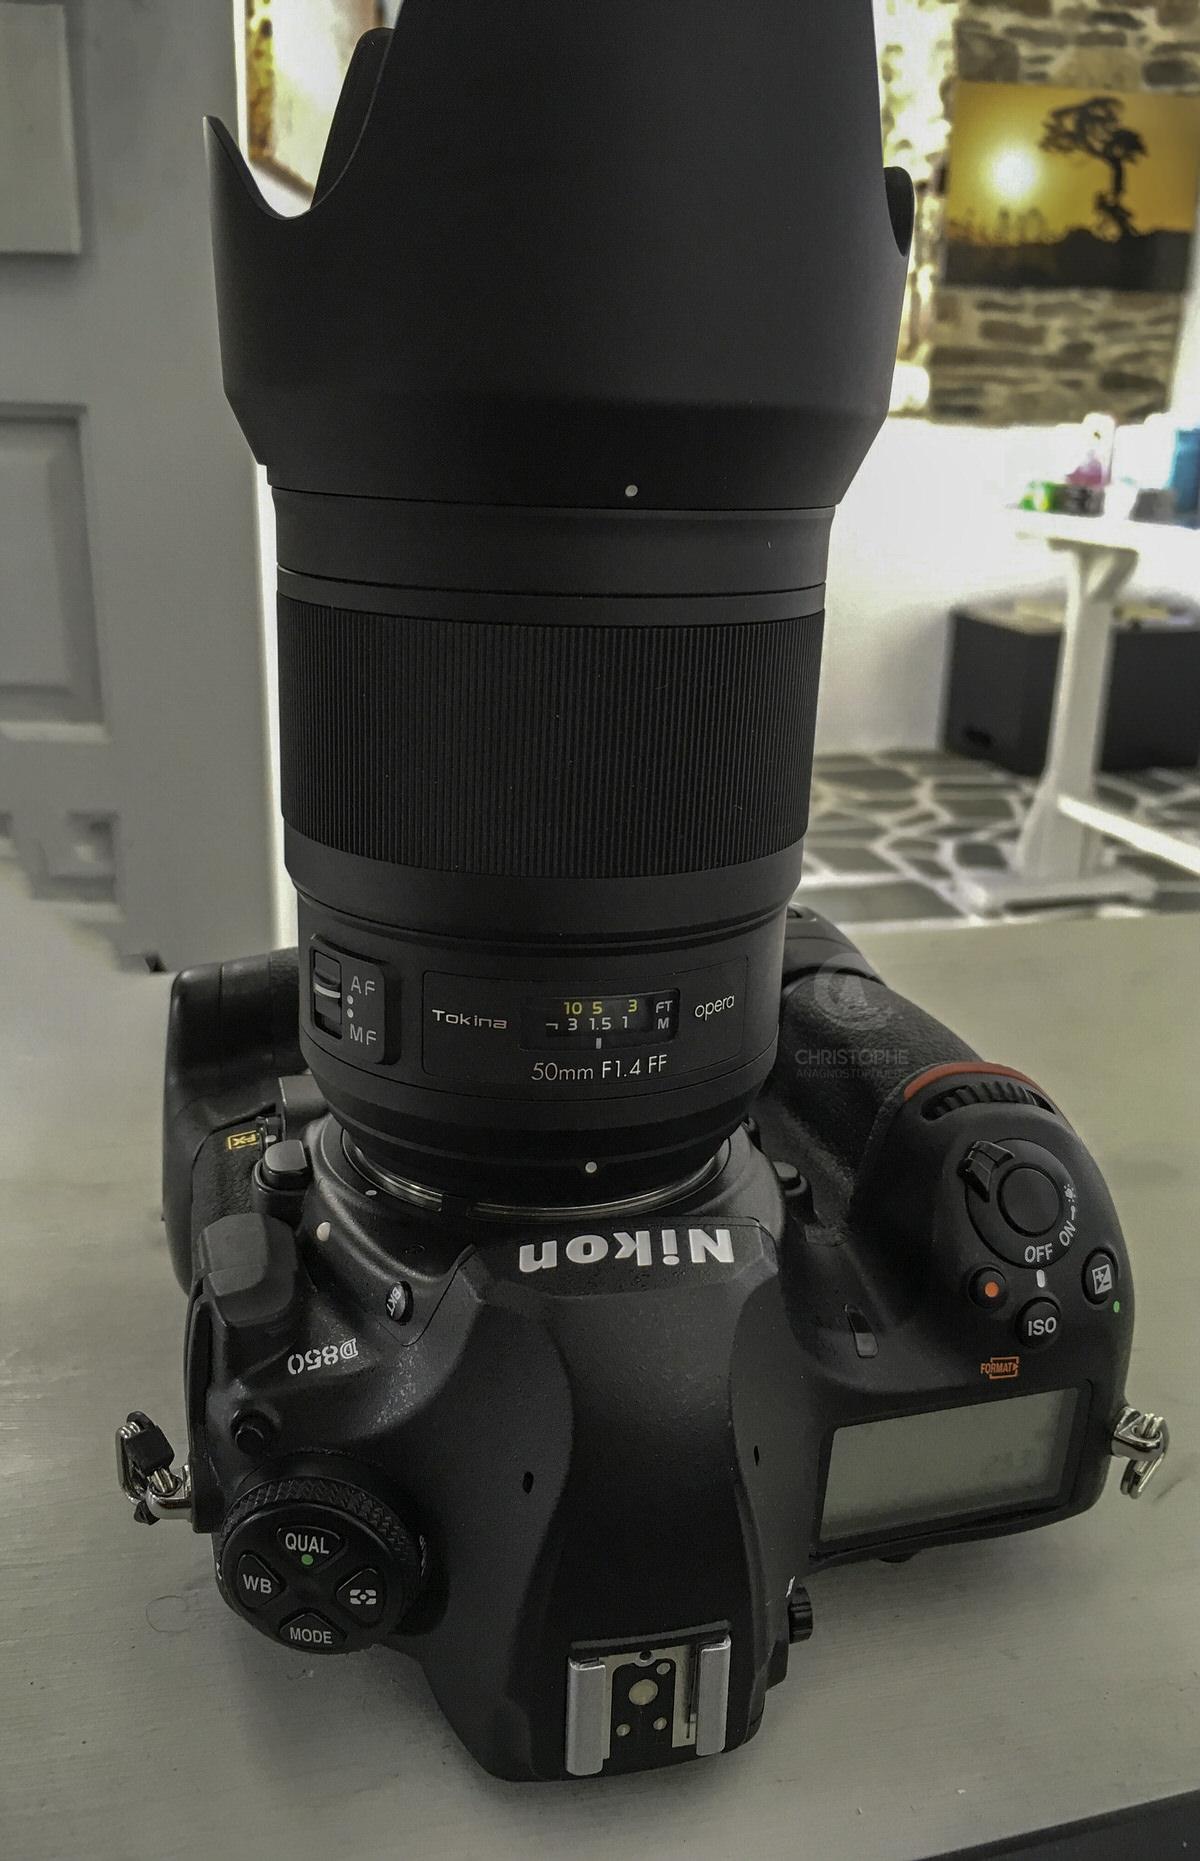 Tokina Opera 50mm f/1 4 FF full frame DSLR lens review